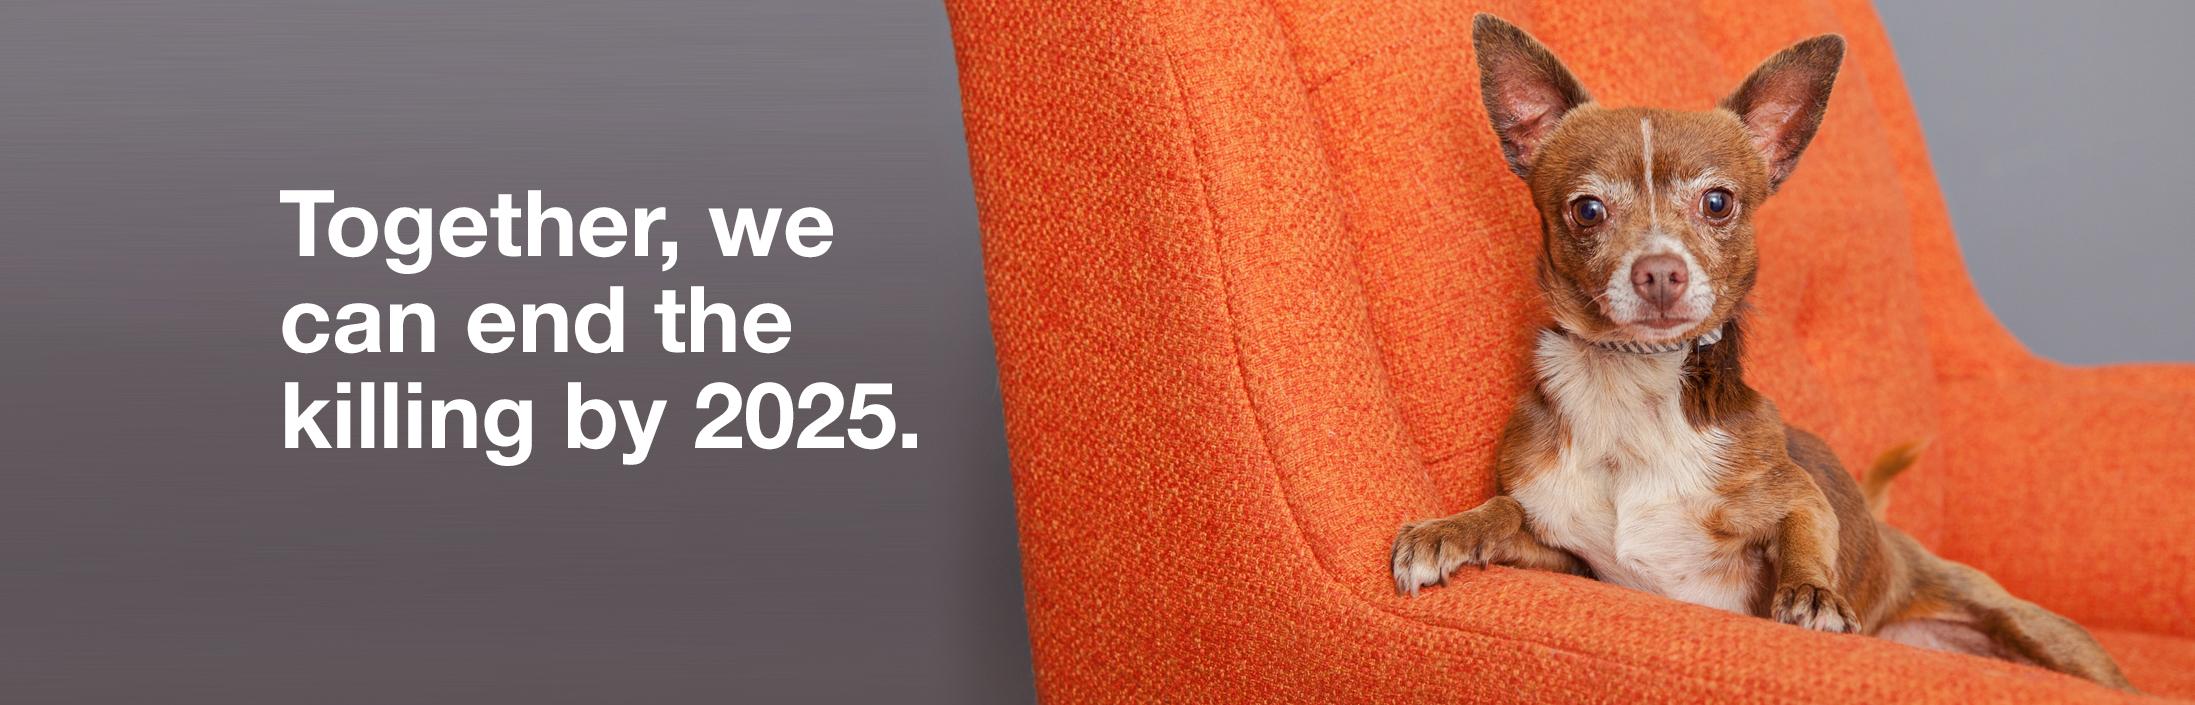 No-kill by 2025